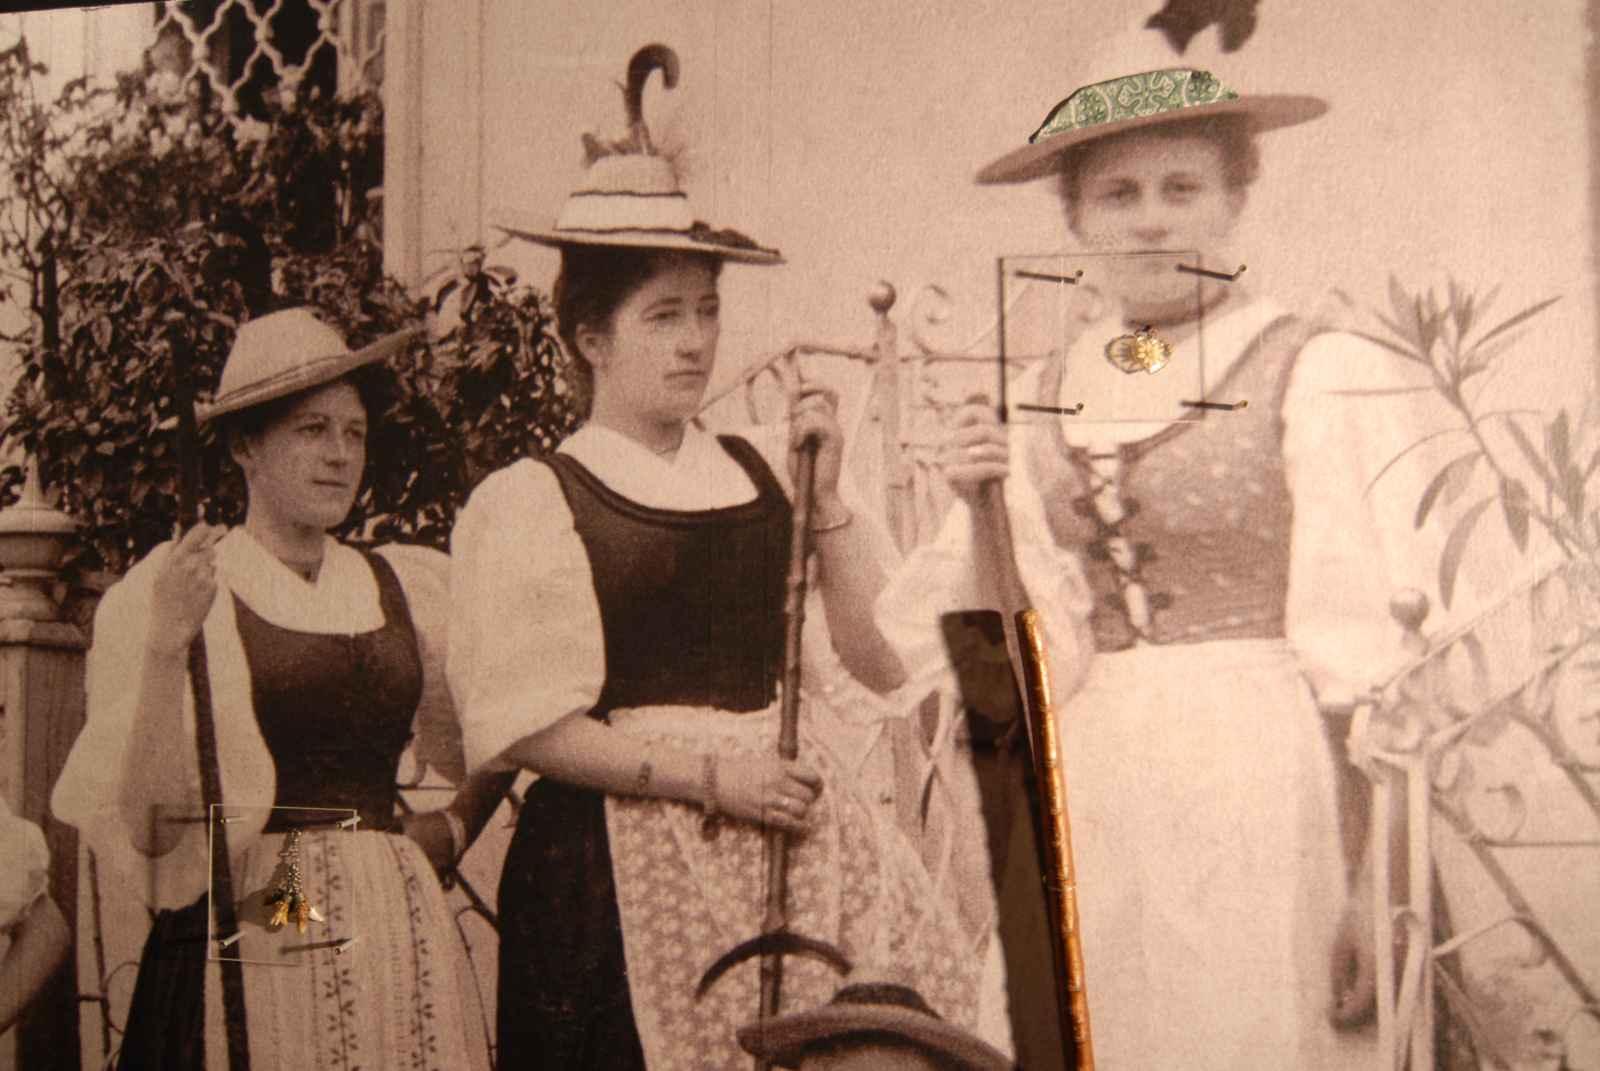 Historisches Foto mit Originalobjekten